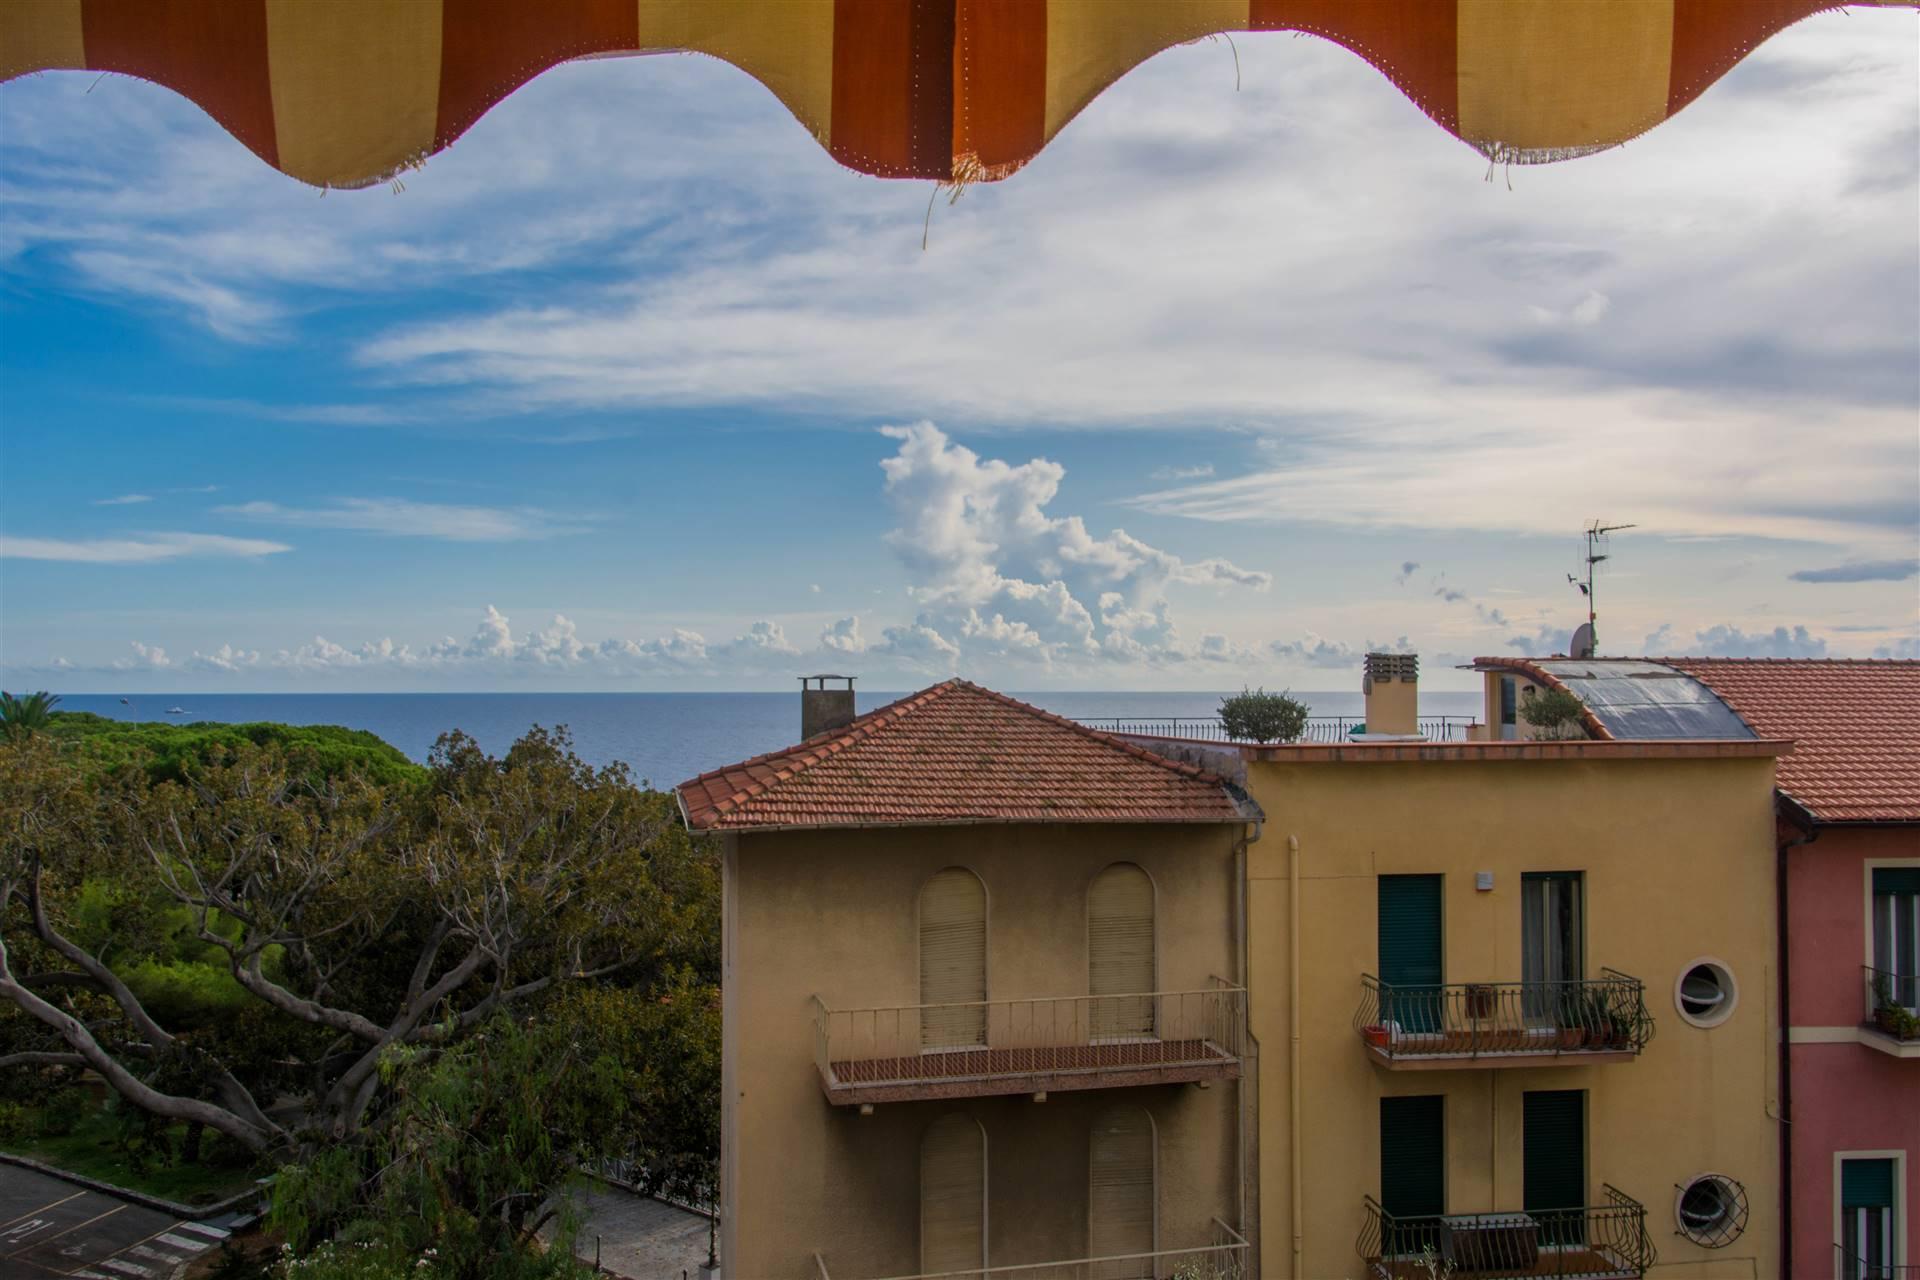 Appartamento in vendita a Bordighera, 2 locali, zona Località: BORGO STORICO, prezzo € 140.000 | PortaleAgenzieImmobiliari.it